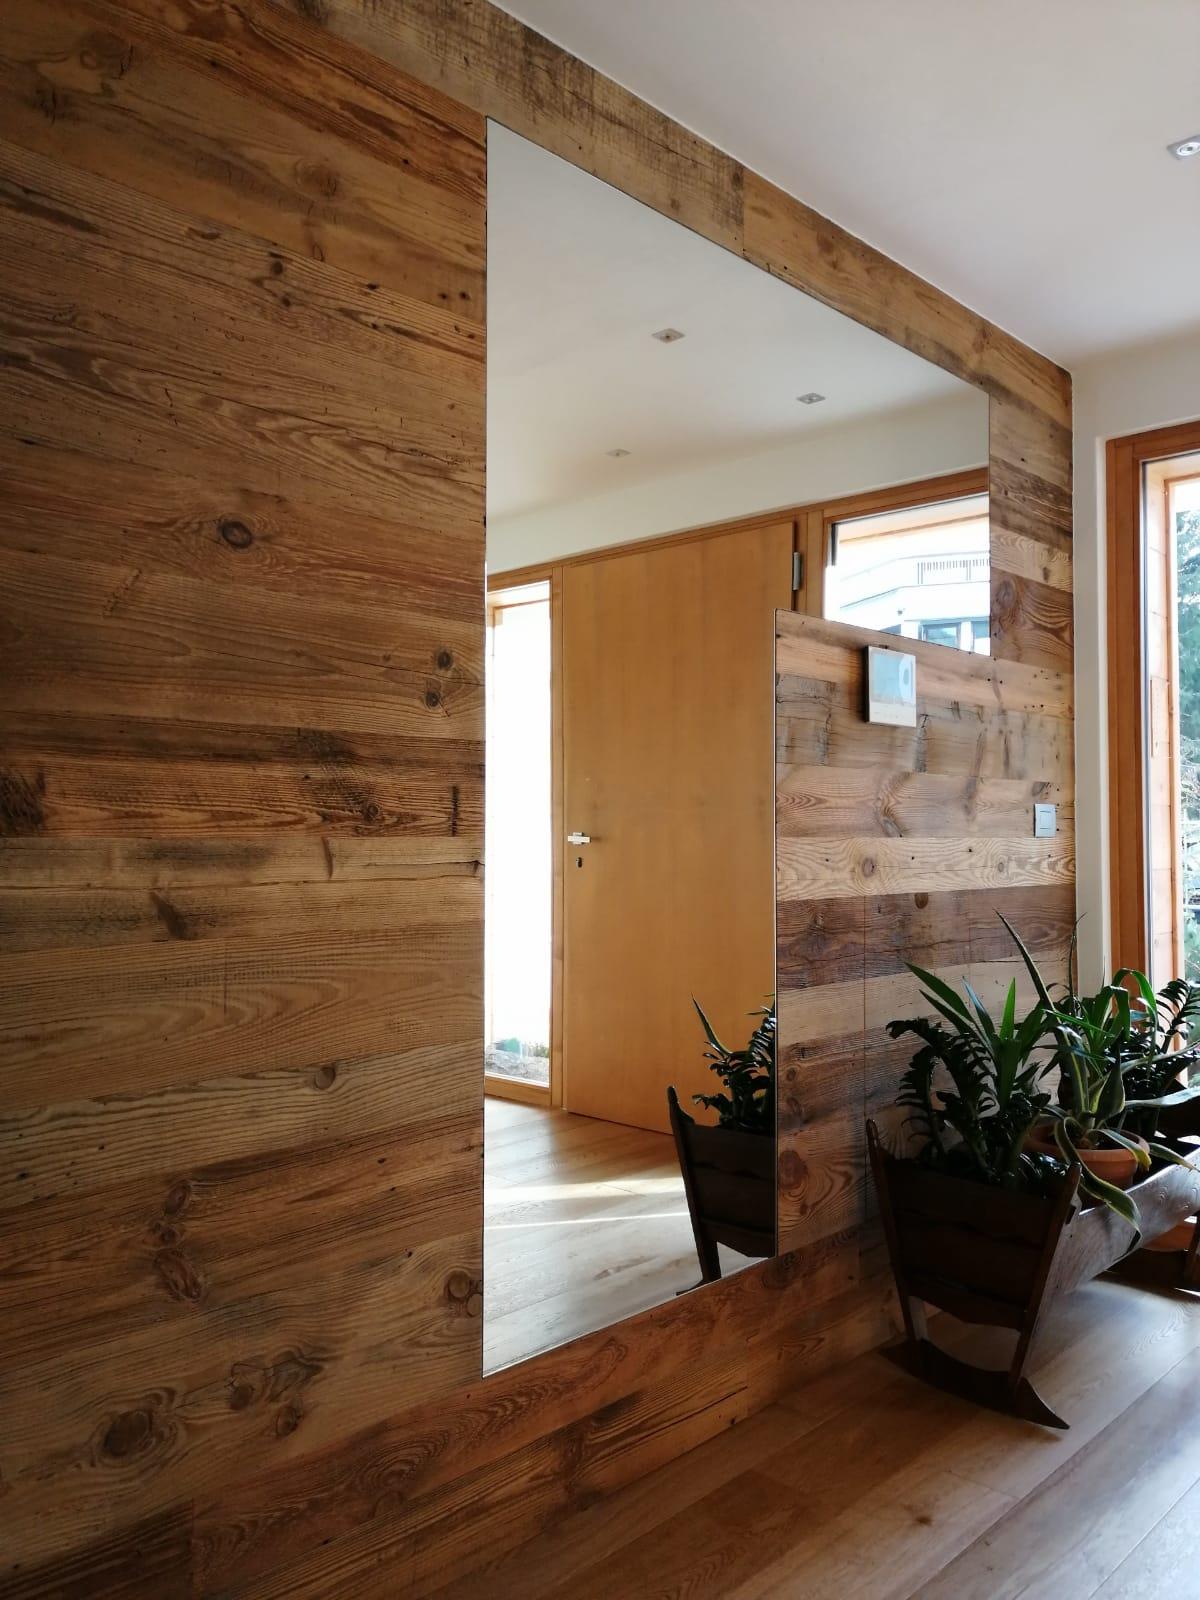 Tavole Legno Per Rivestimento Pareti rivestimento pareti tavole vecchie - bp bellini